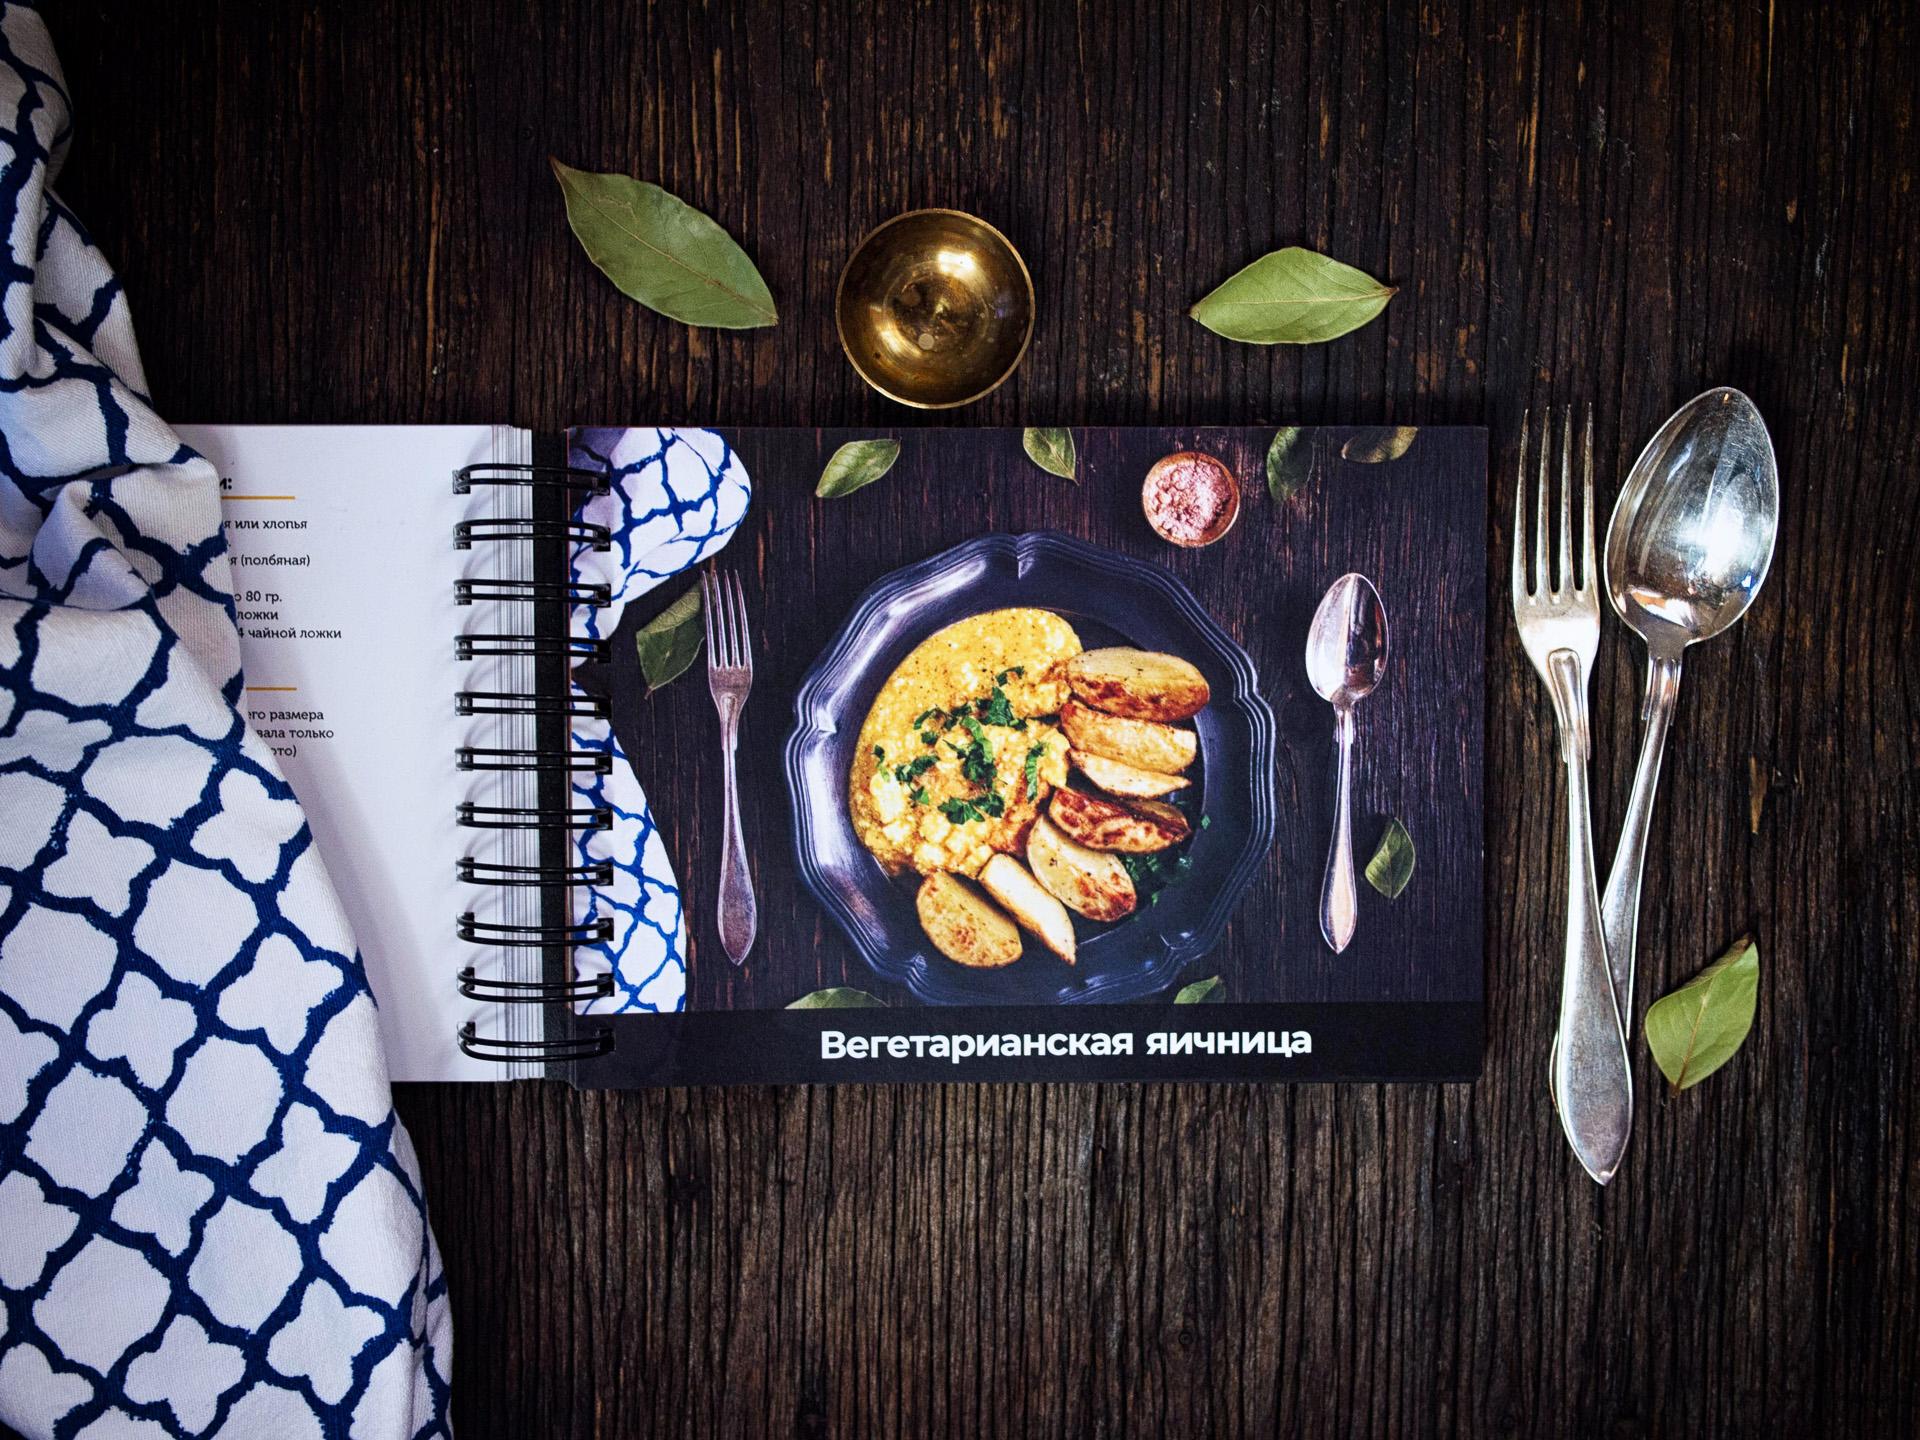 Книга вегетарианских рецептов от Риммы Хохловой